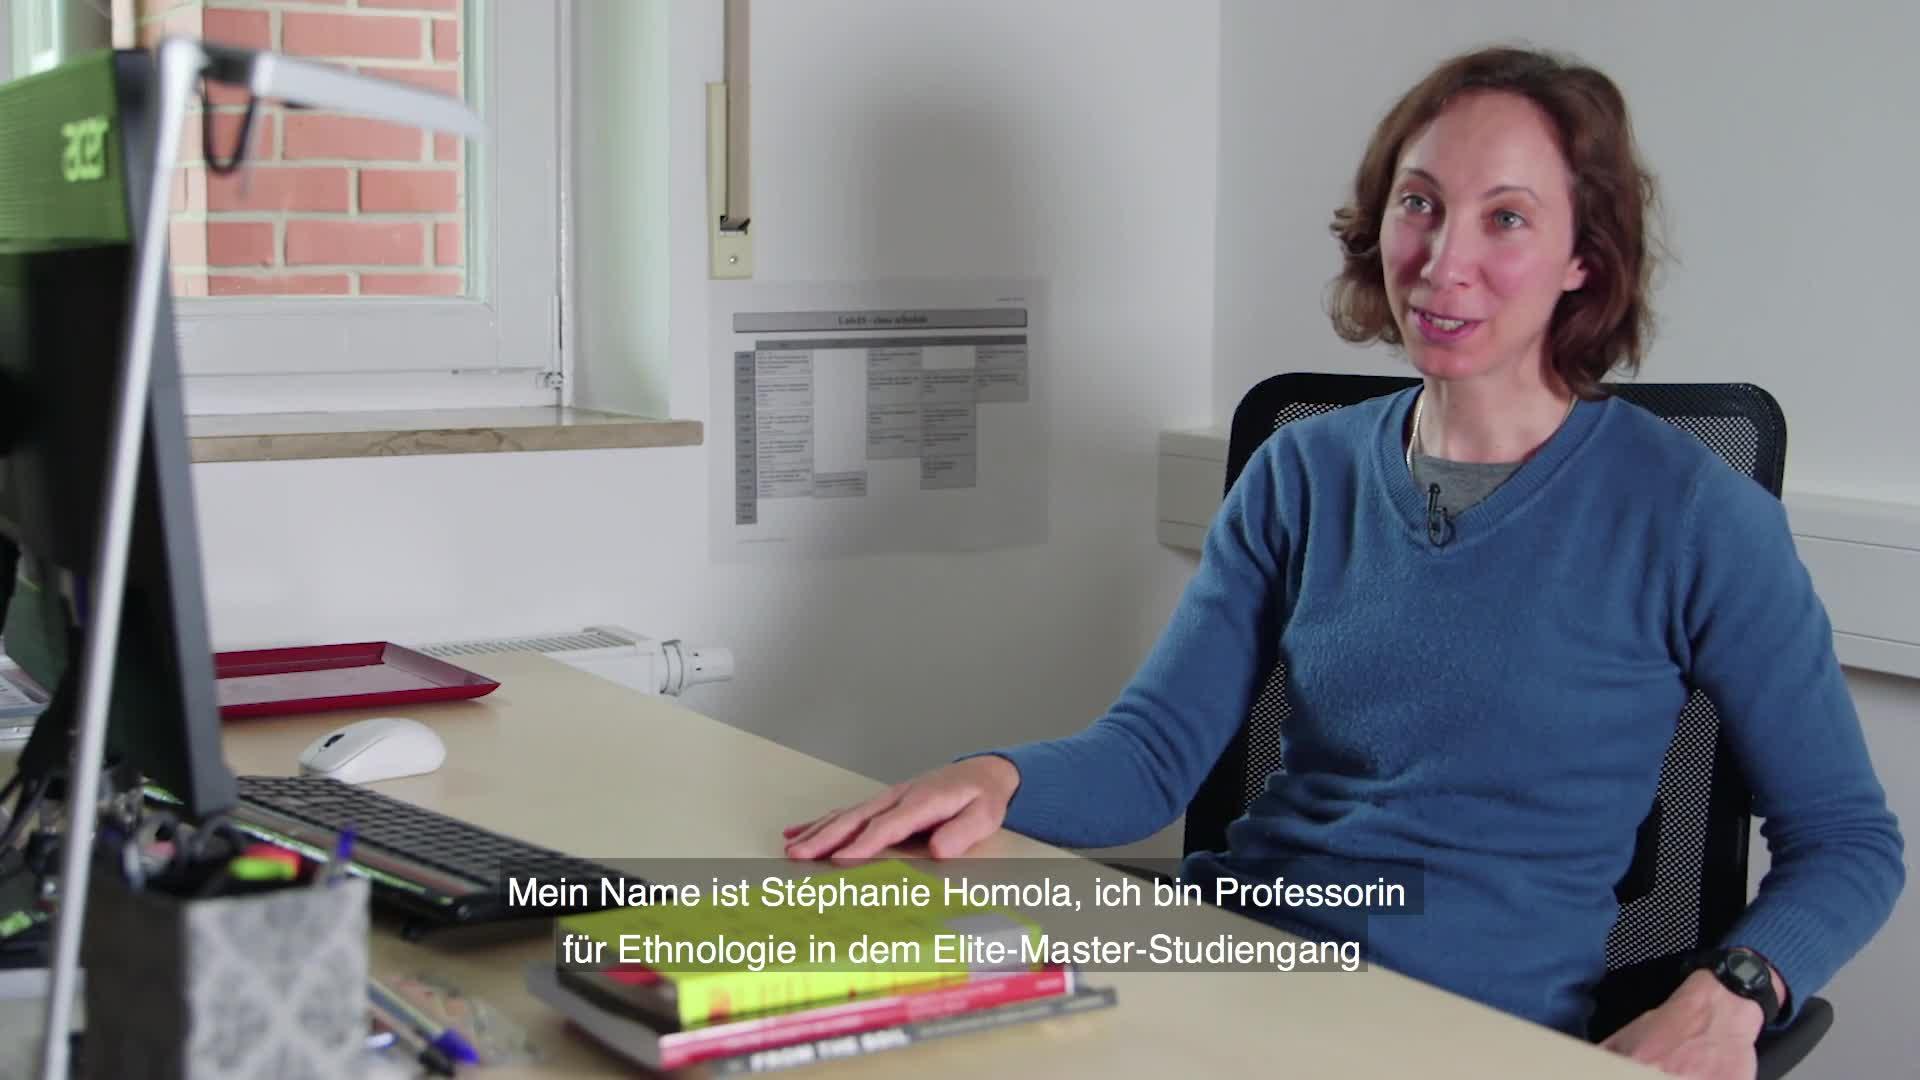 Prof. Dr. Stéphanie Homola - Ethnologie mit Schwerpunkt asiatischer Raum preview image